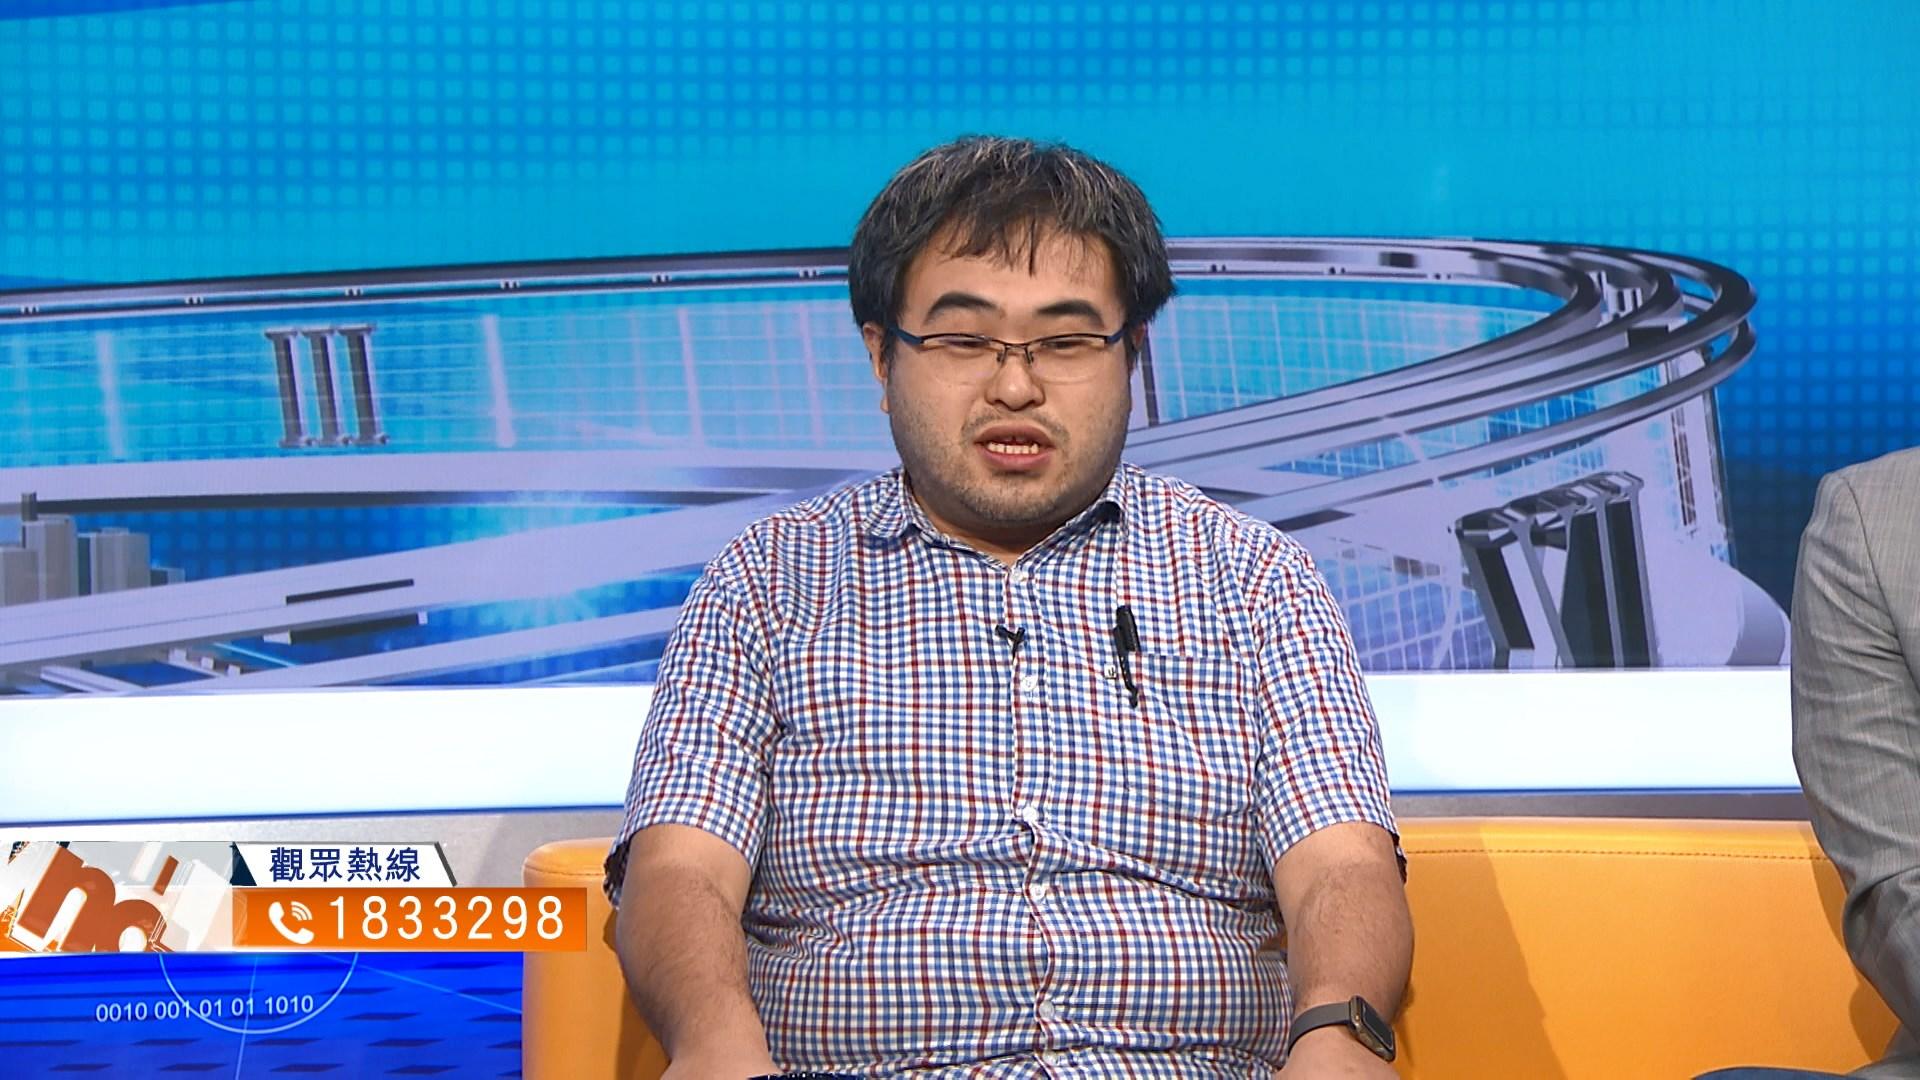 【時事我咁講】林鄭班子多為政務官出身 未必了解民情